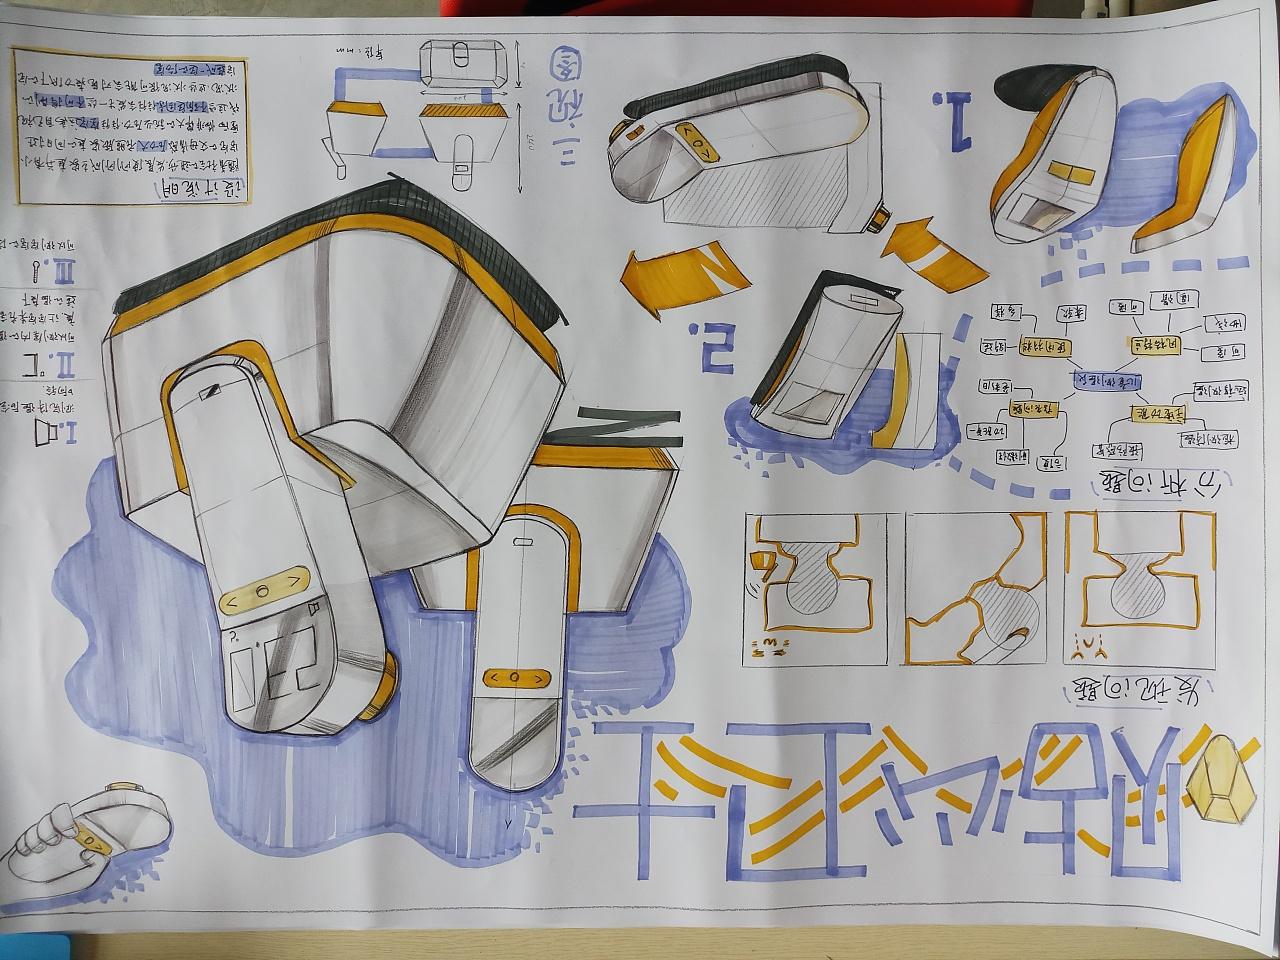 产品设计手绘